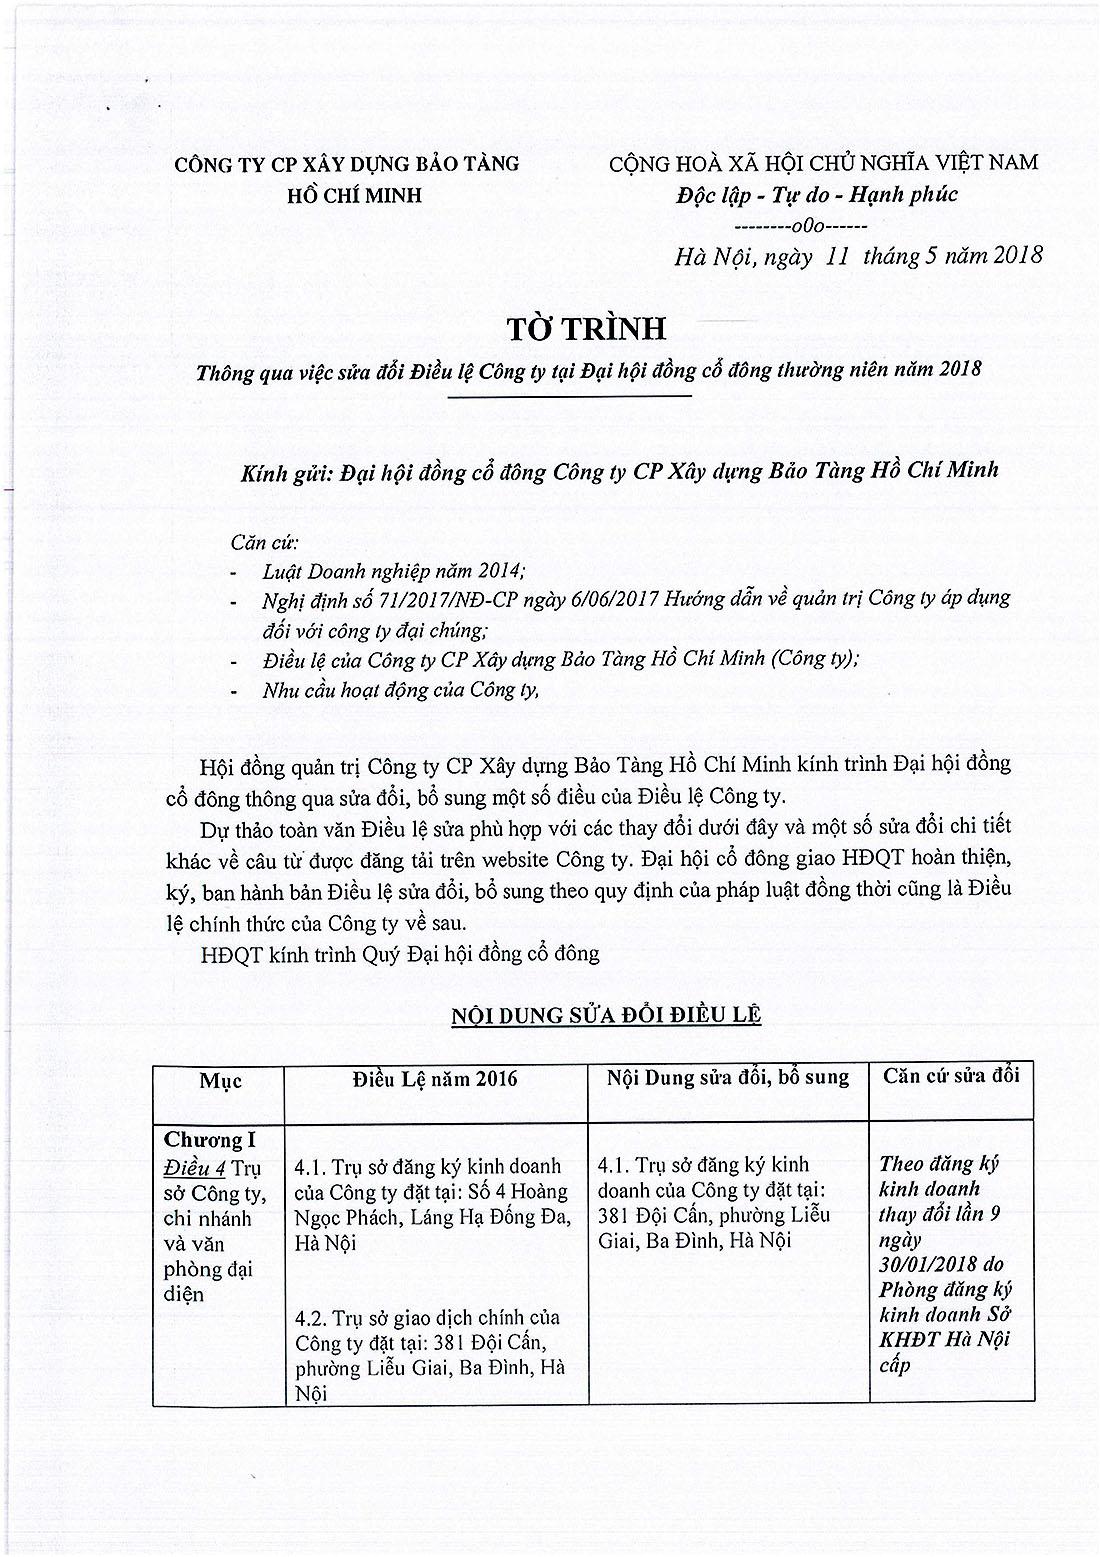 to trinh sua doi dieu le (1)